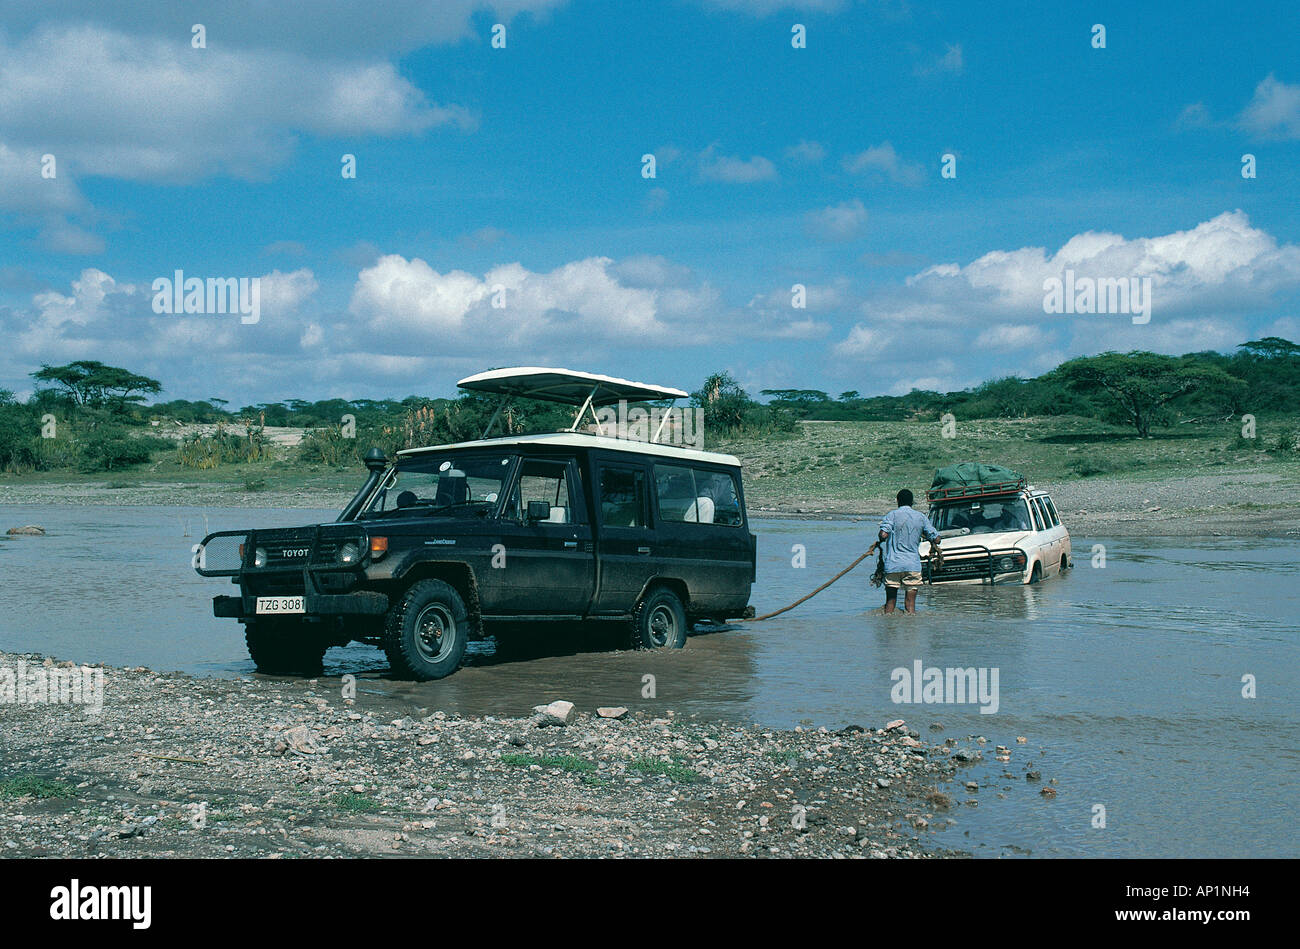 Toyota Landcruiser está preparado para remolcar otro vehículo fuera del ol Duvai River en el norte de Tanzania, África Oriental Foto de stock